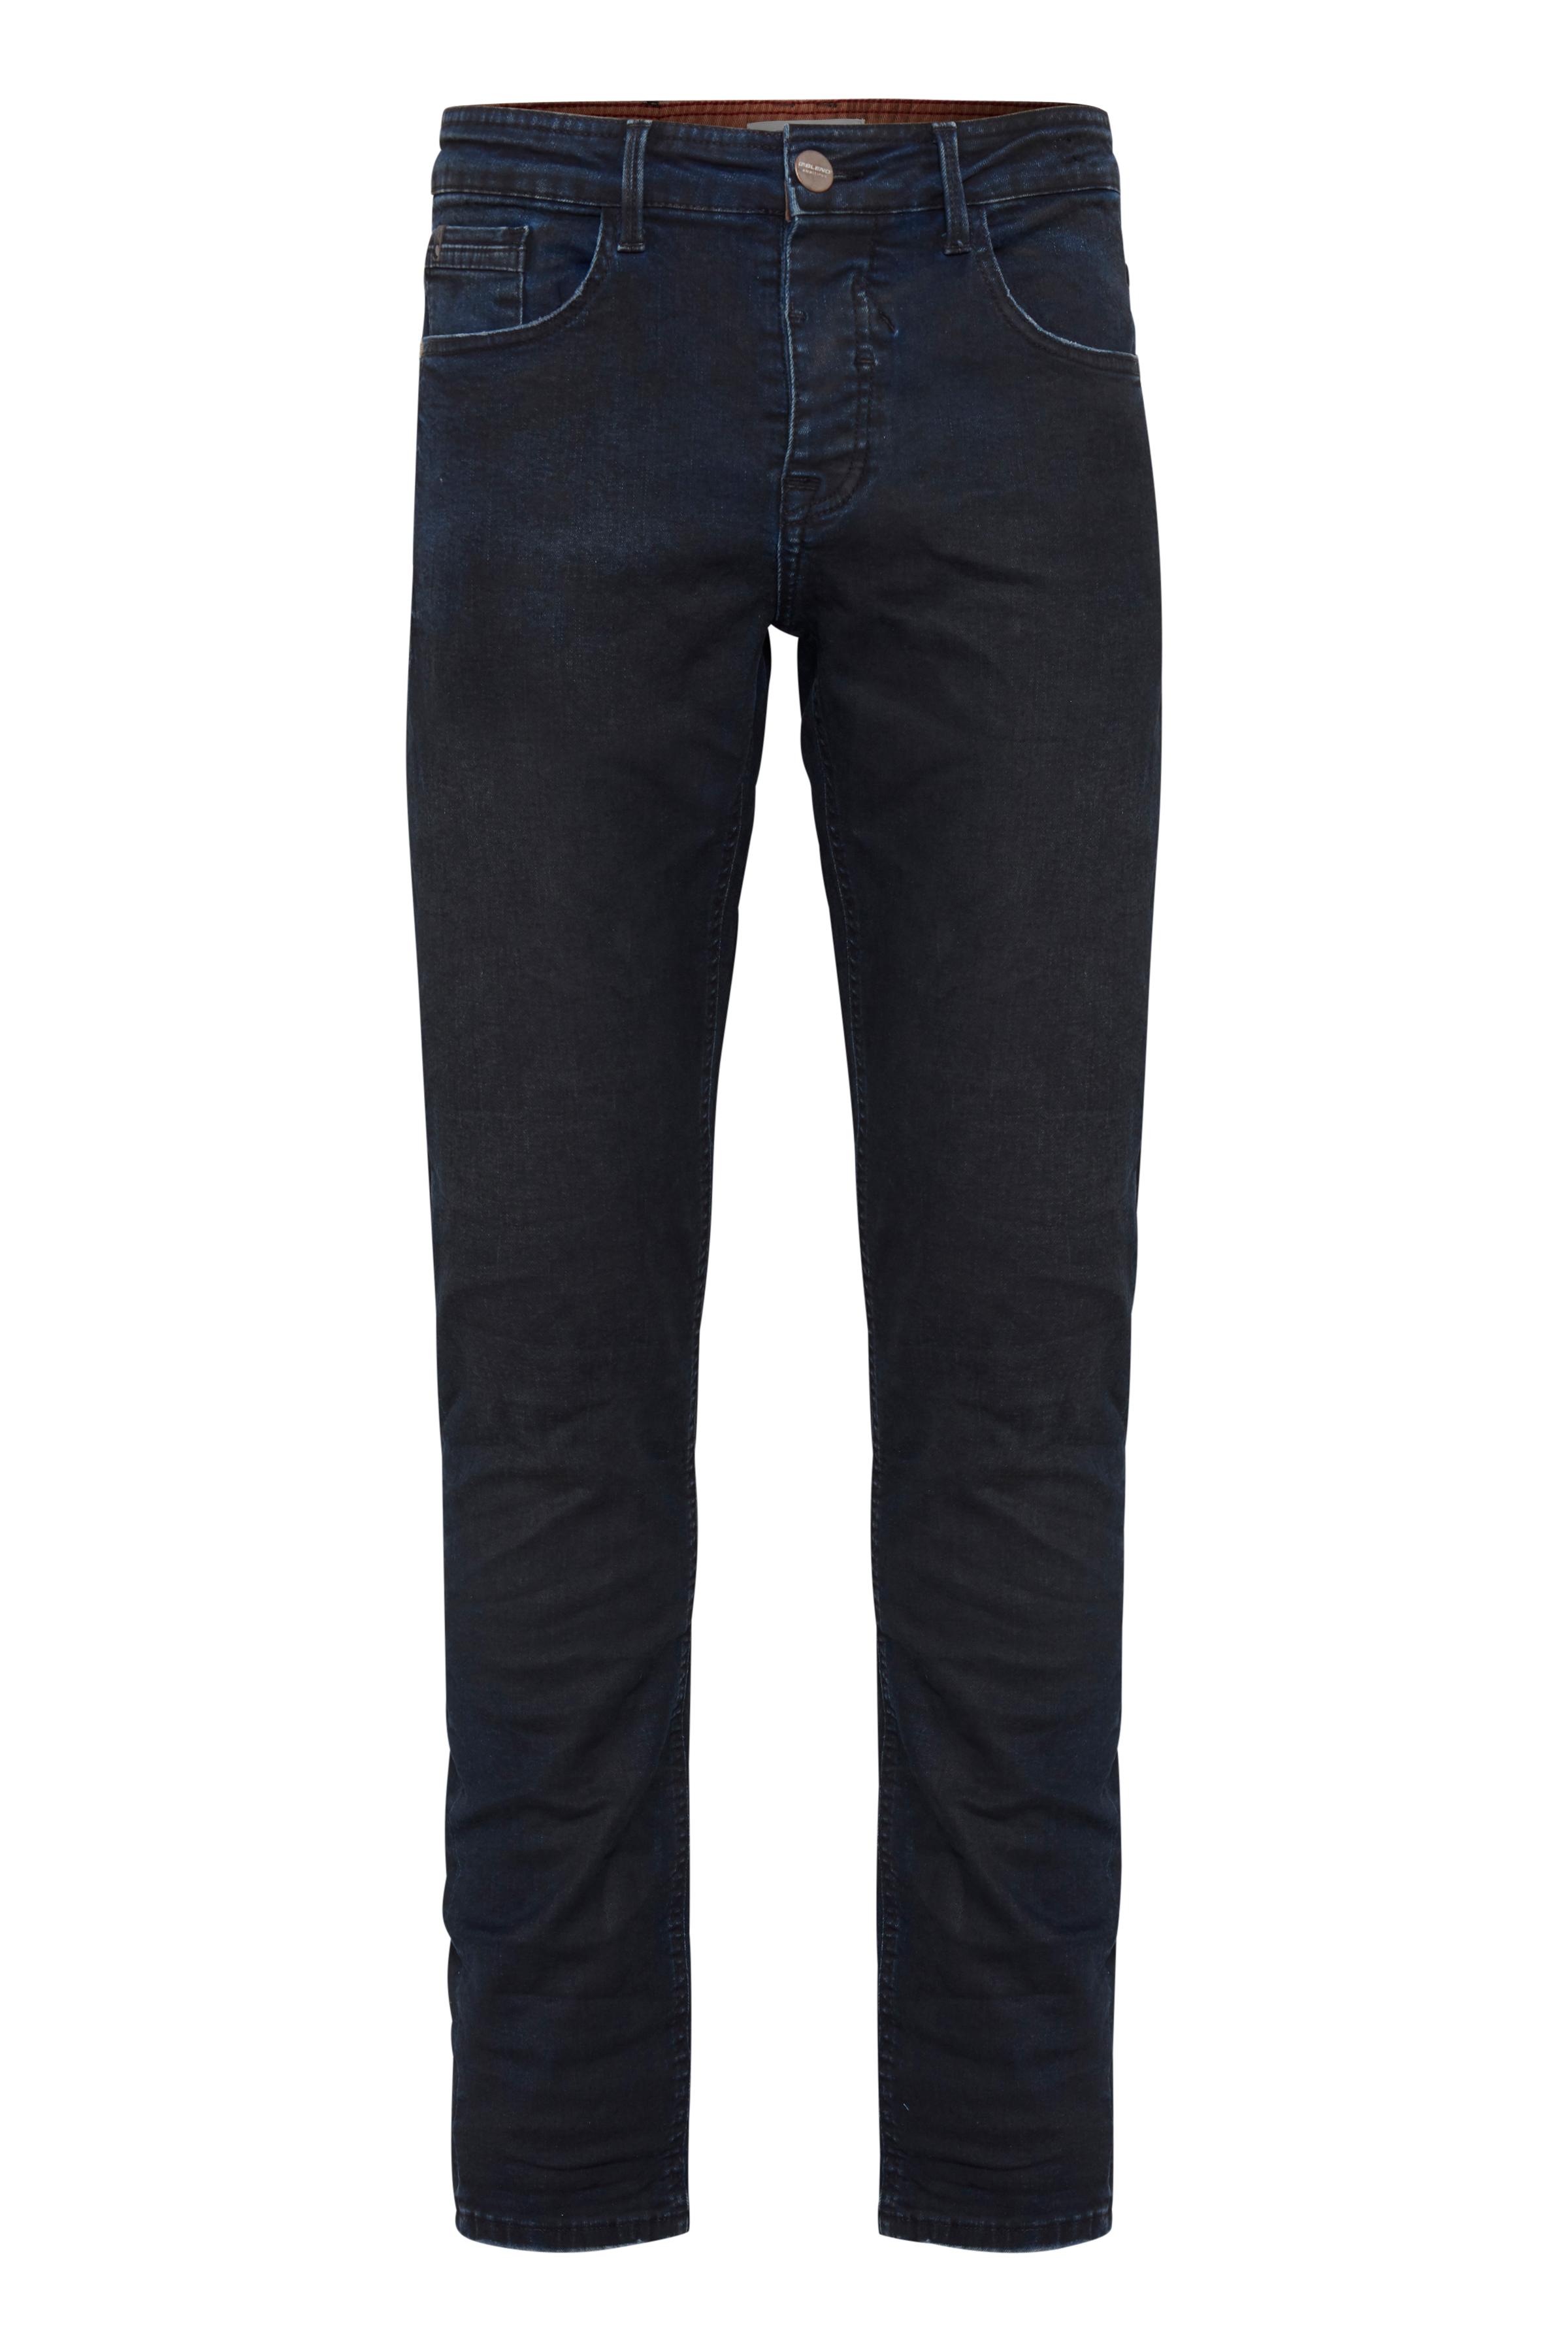 Image of Blend He Herre Jeans - Denim Black Blue